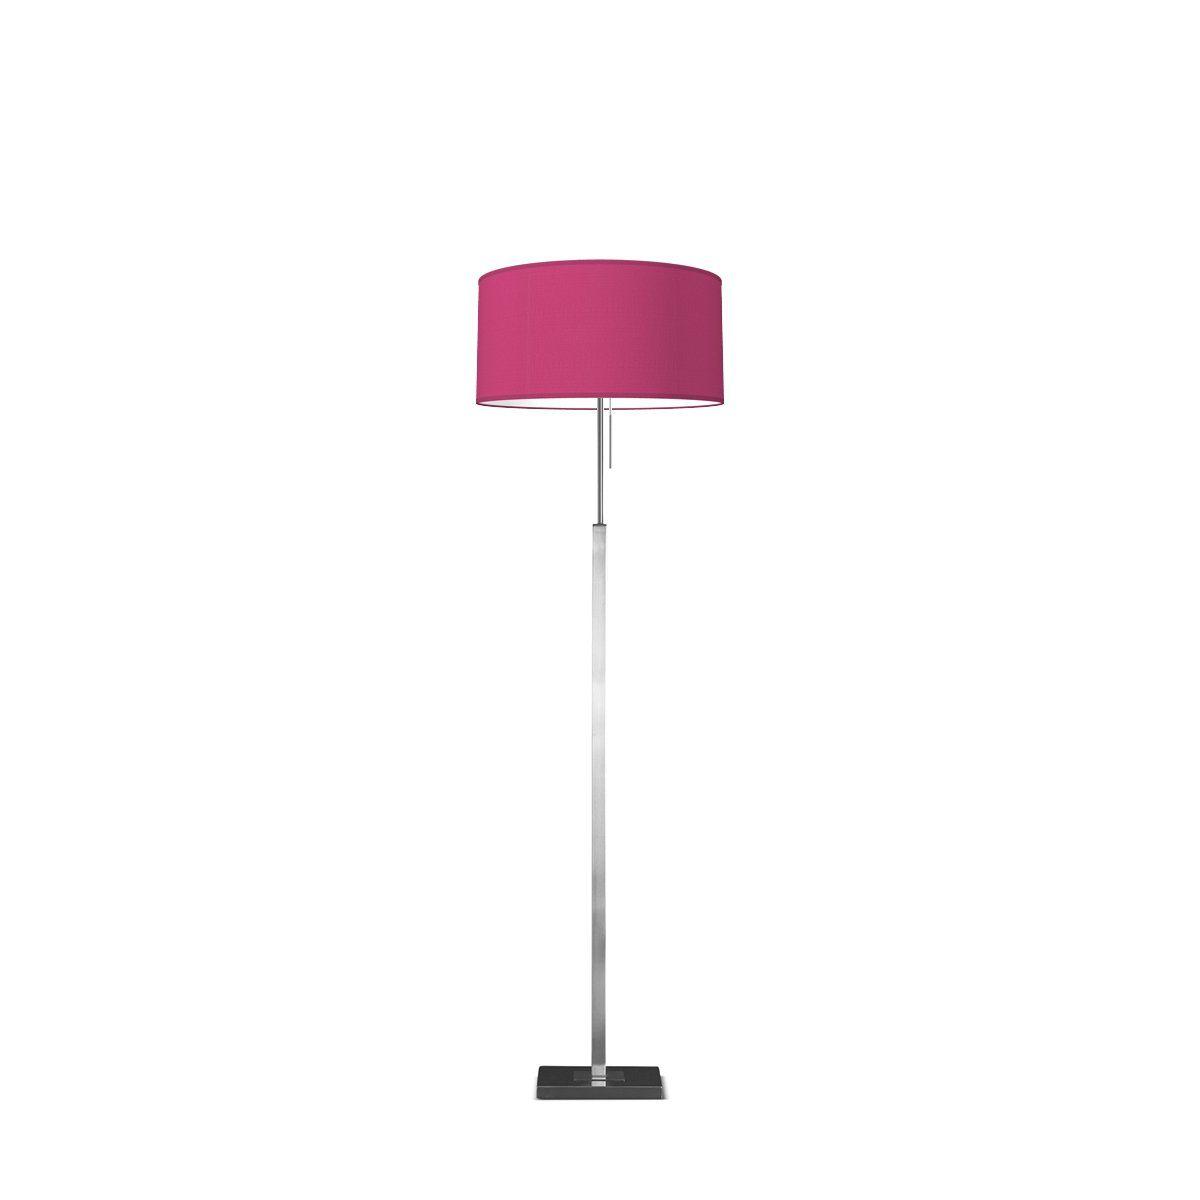 Home sweet home vloerlamp Pull bling Ø 50 cm - roze